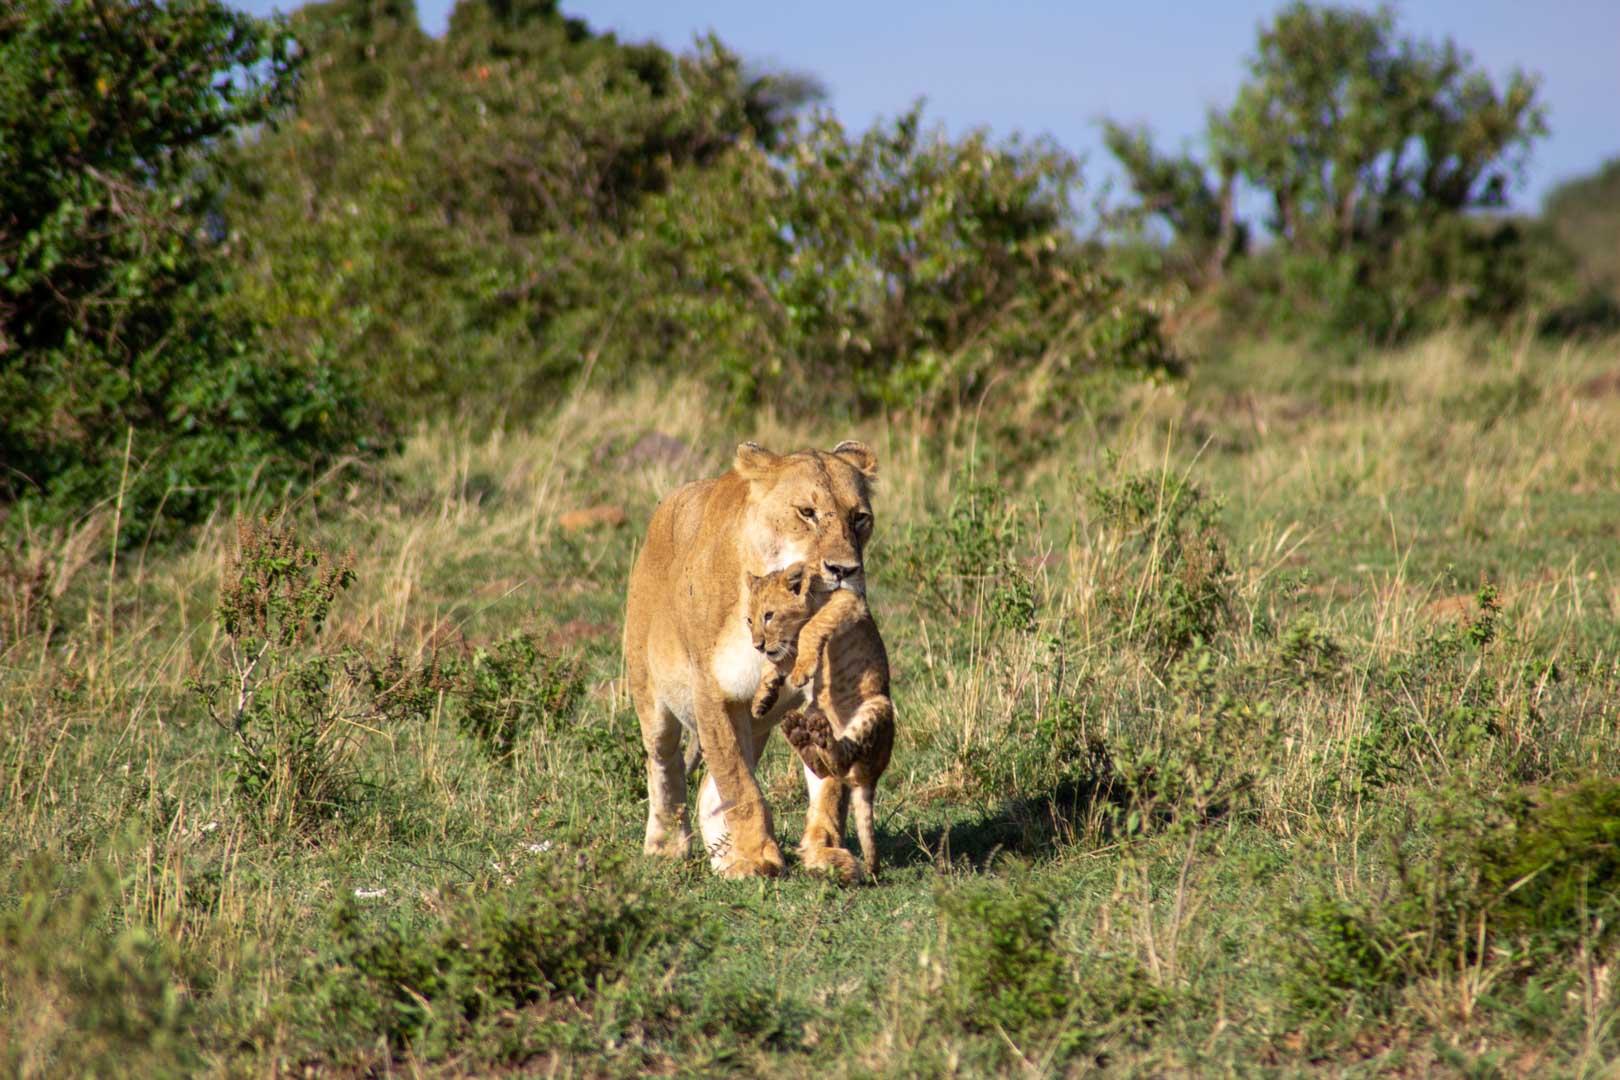 Sin esperarlo, la leona y su bebé se dirigen hacia nosotros, Masai Mara, Kenia